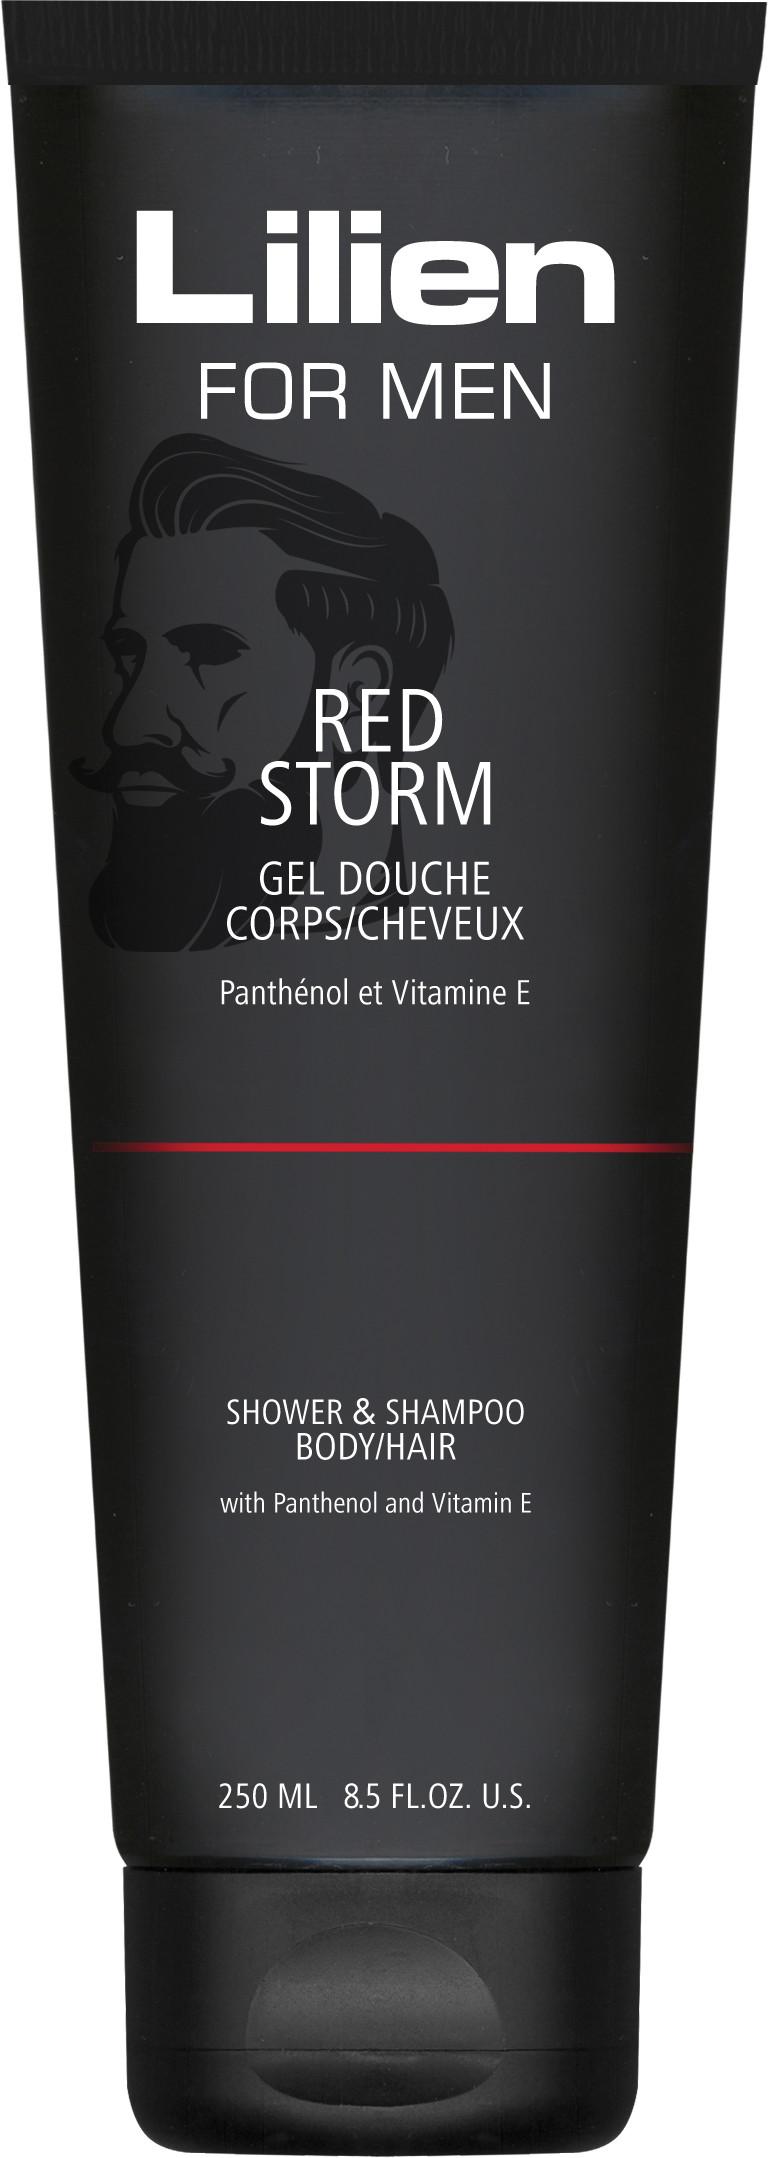 Lilien for men shower gel Red Storm 250ml